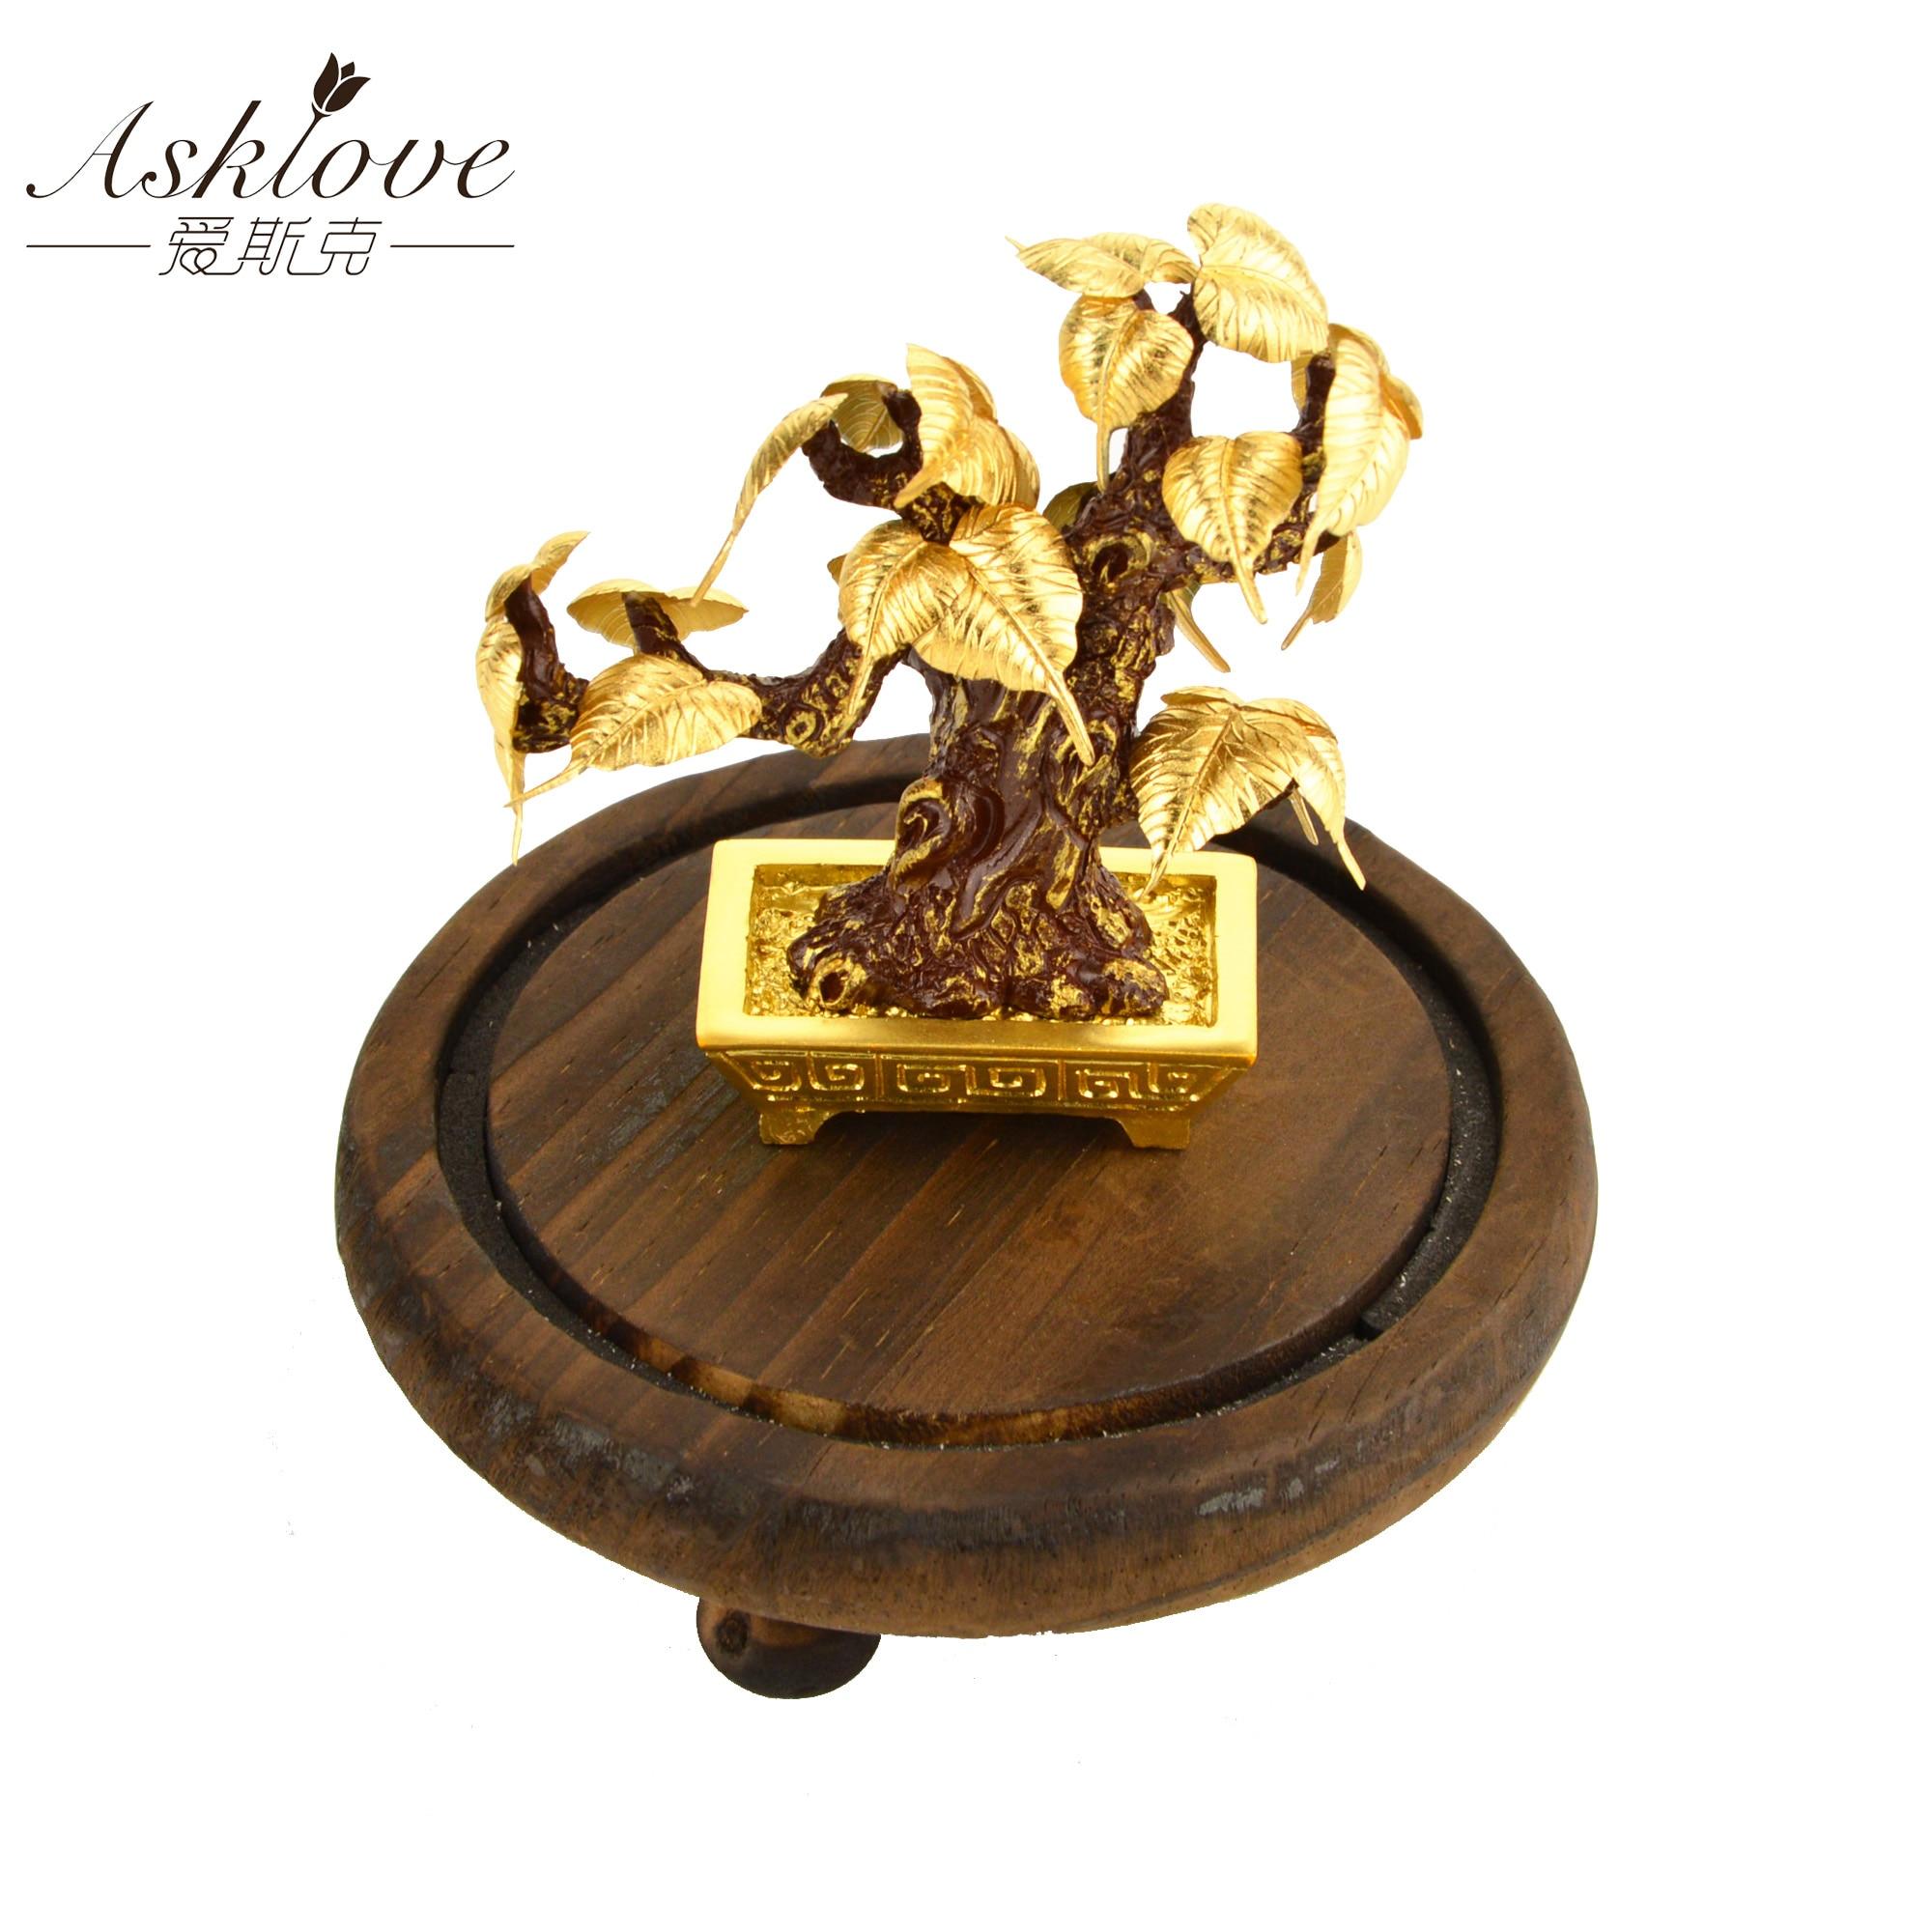 Bodhi arbre bonsaï Feng shui décor chanceux richesse ornement 24k feuille d'or Bodhi feuille décorations de bureau cadeaux maison bureau décoration